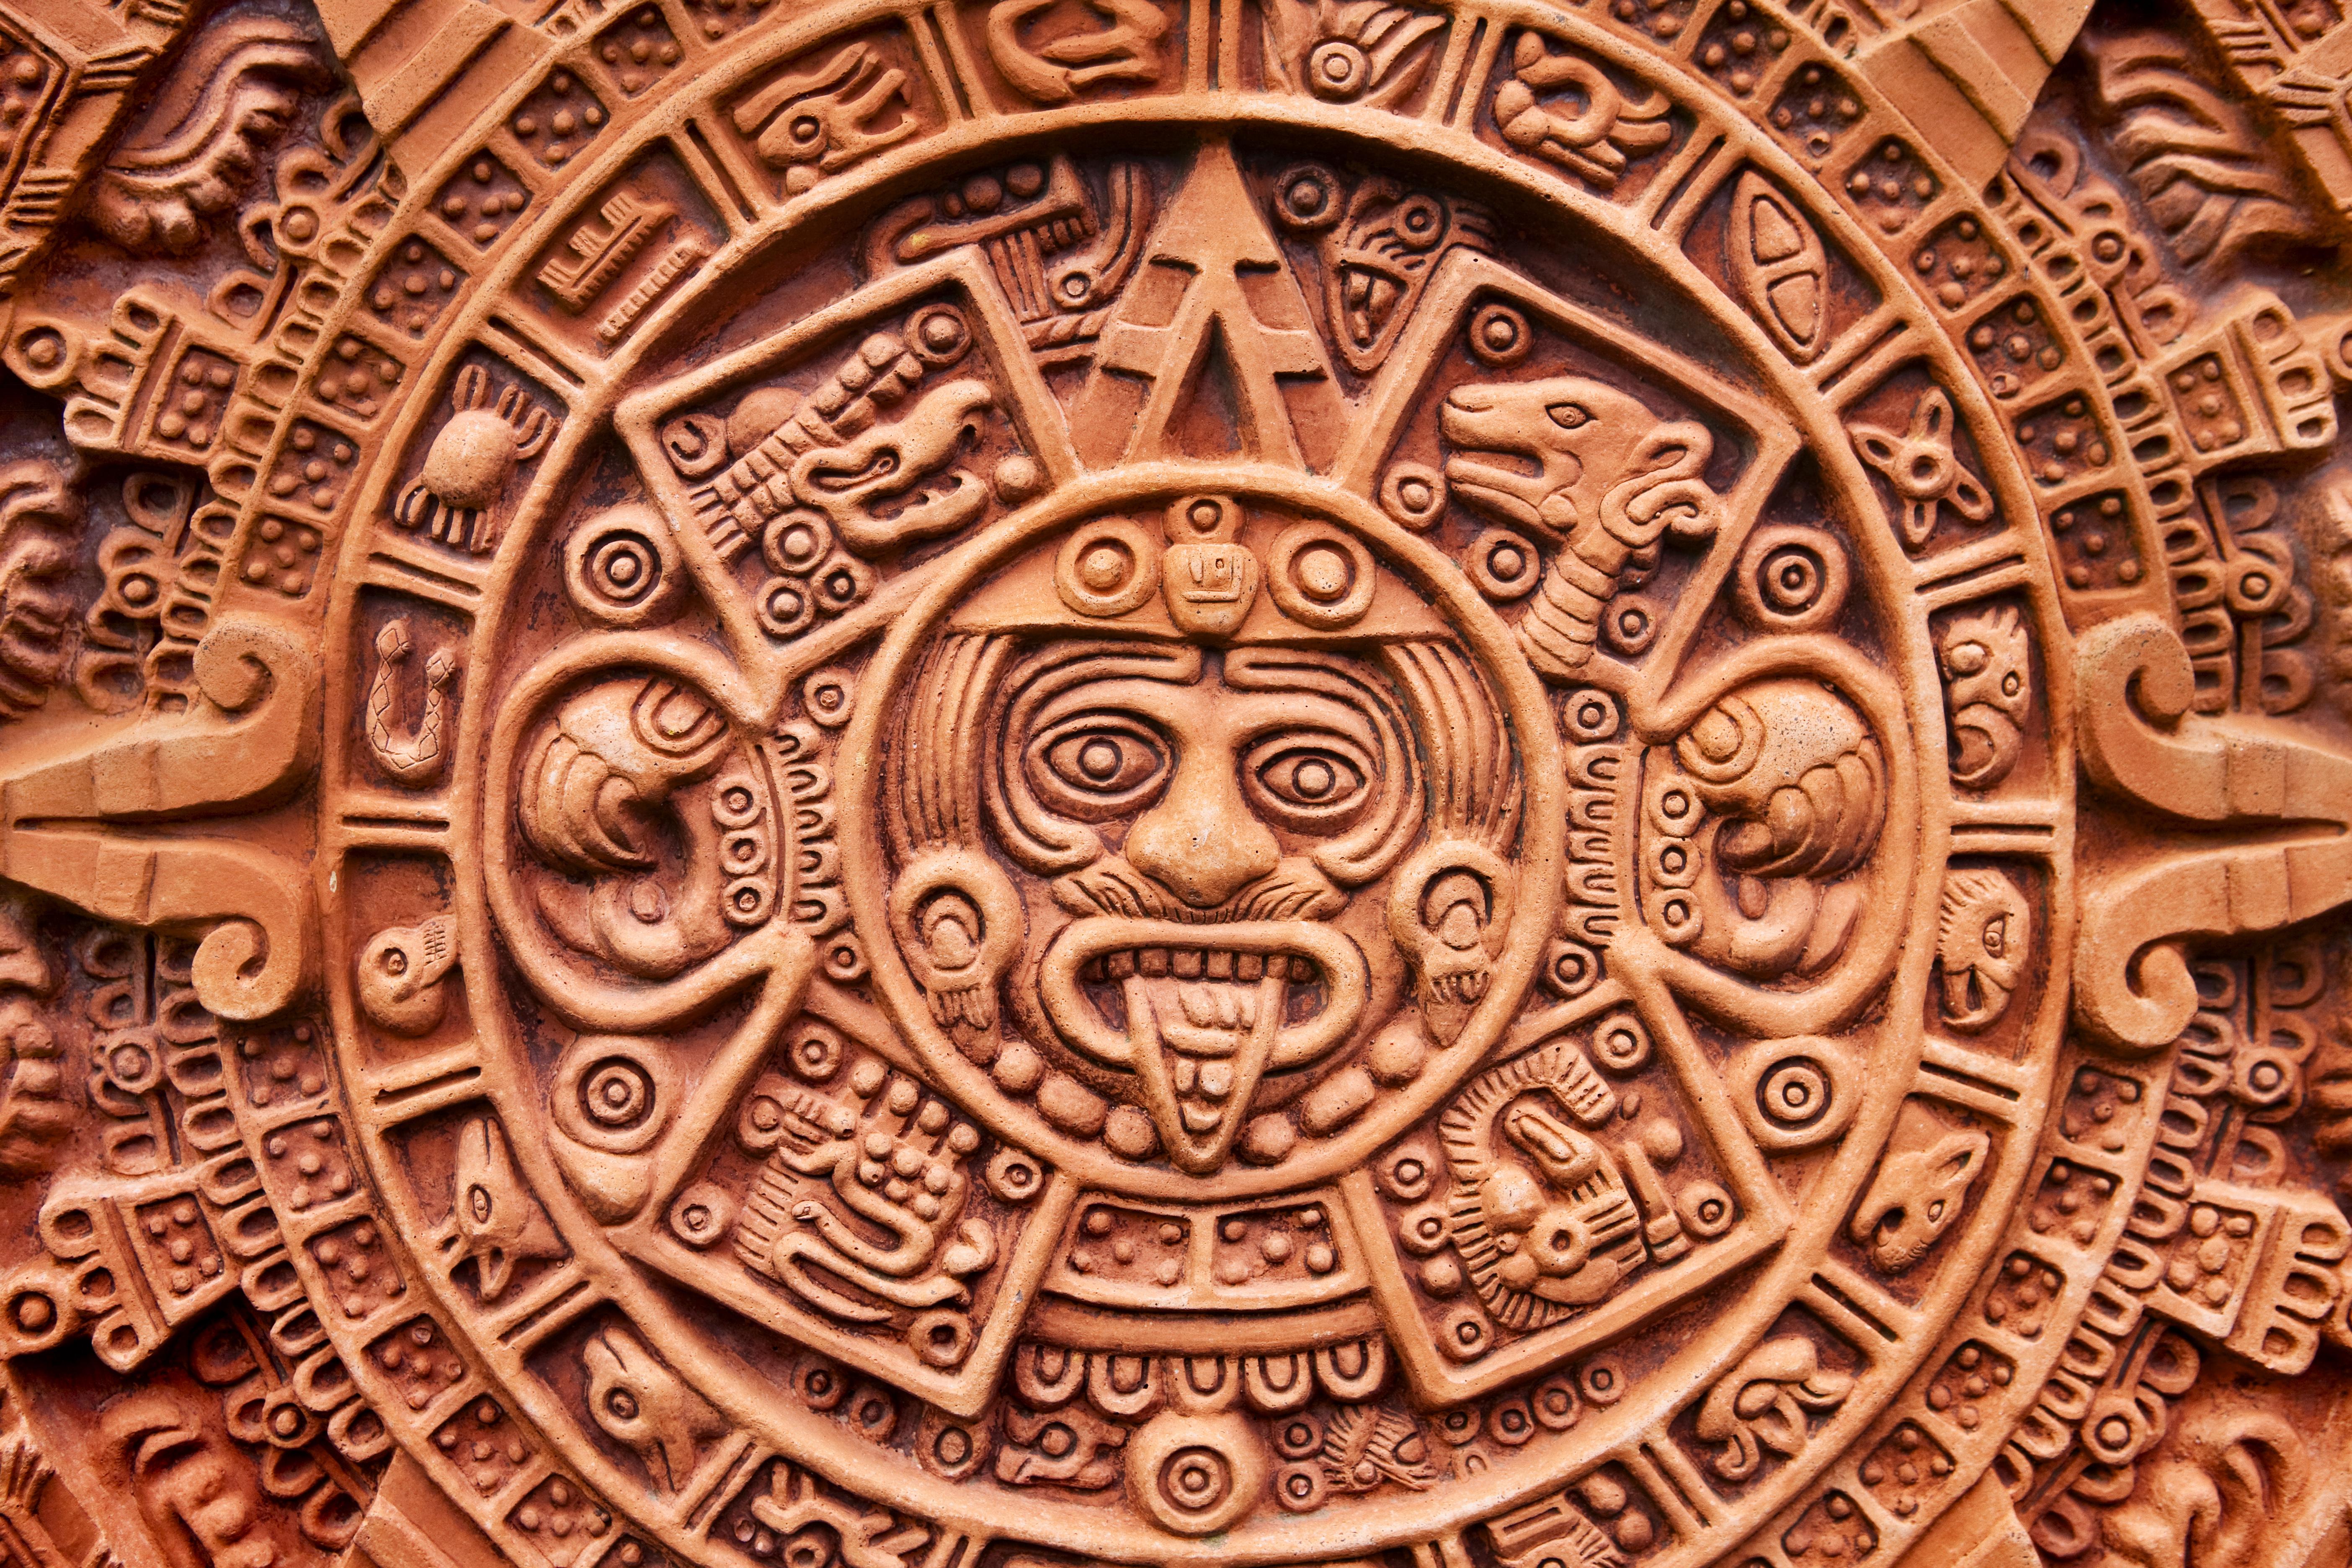 Conocer las aportaciones mayas a la humanidad - México Gran Viaje México Arqueológico: Aztecas y Mayas